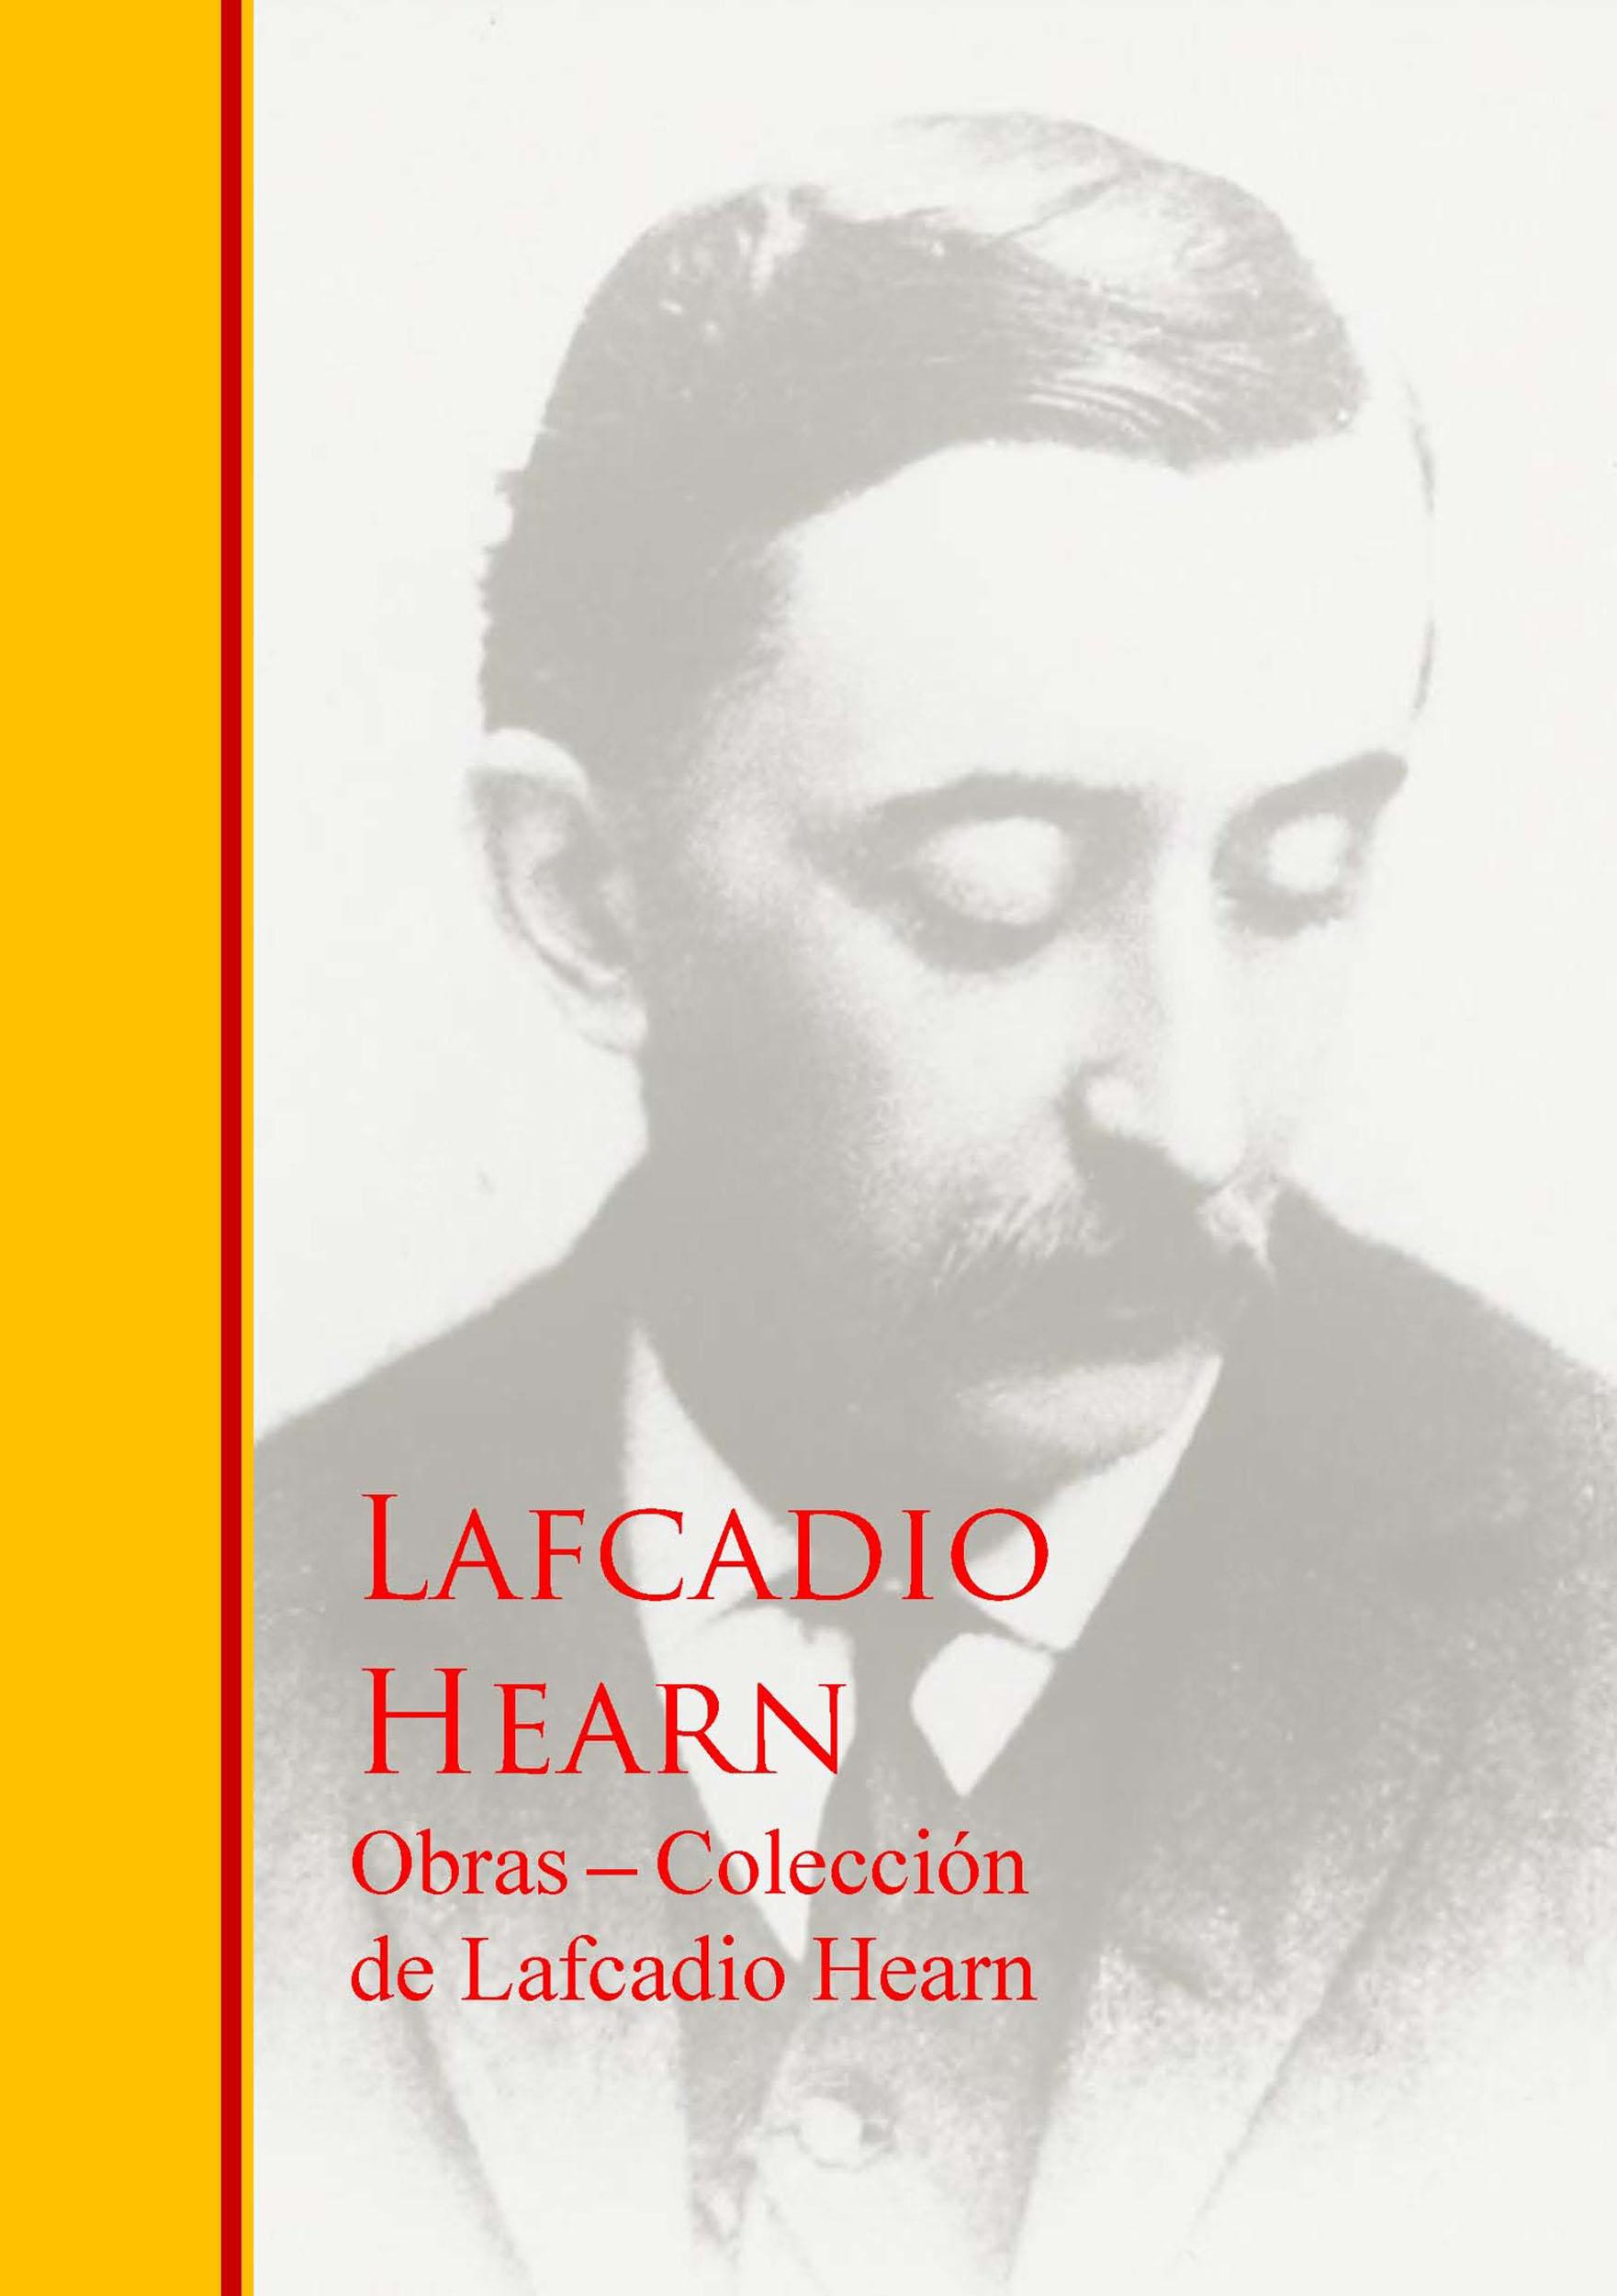 Lafcadio Hearn Obras - Coleccion de Lafcadio Hearn недорого